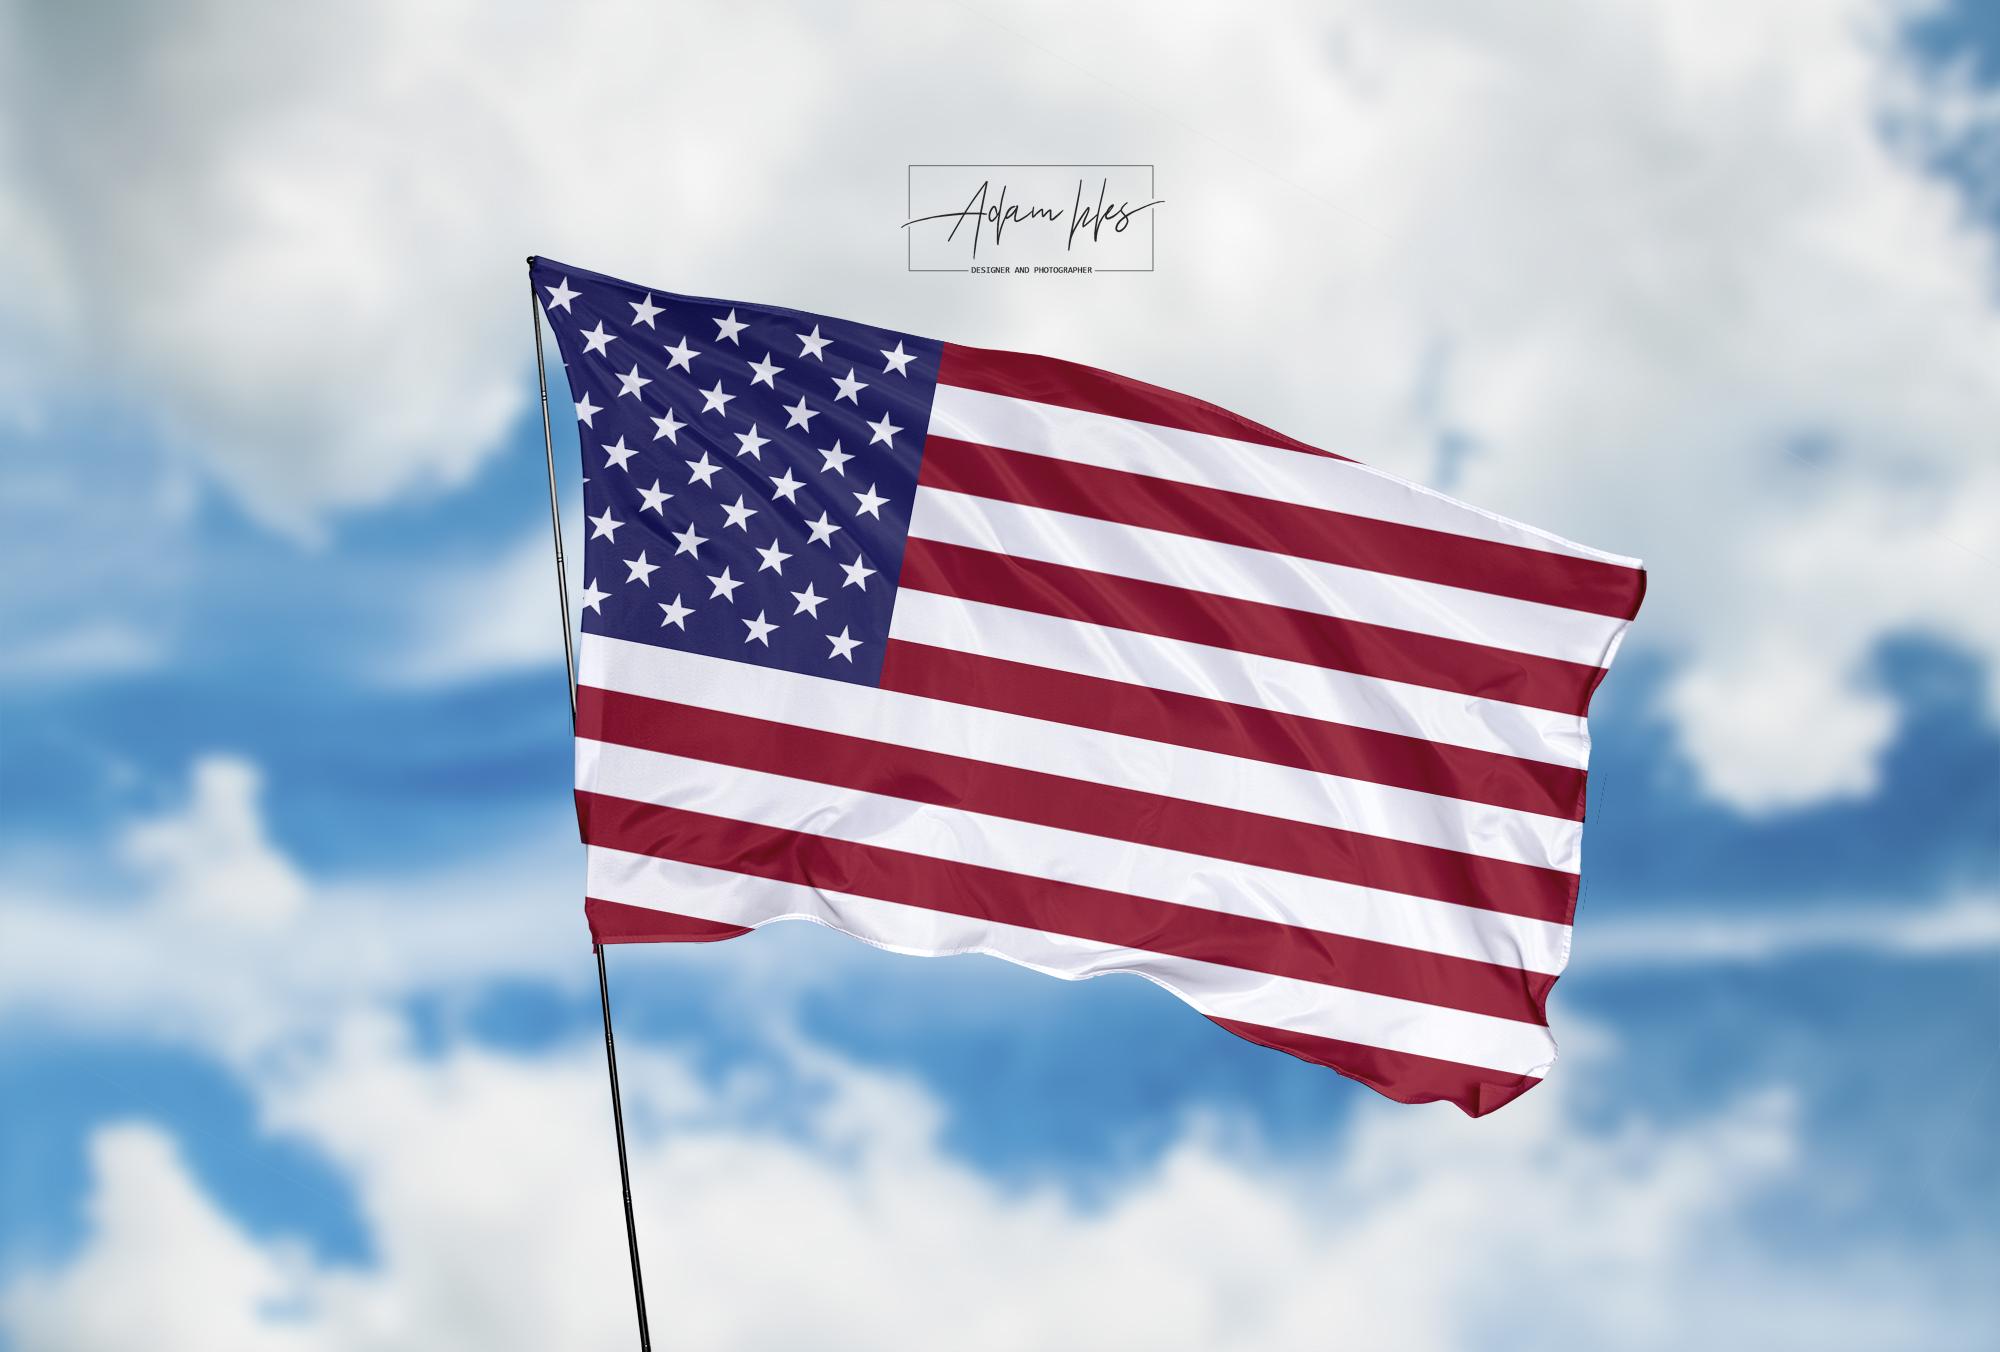 تحميل اجمل خلفية علم امريكا يرفرف في السماء - اجمل خلفيات امريكا الرائعة